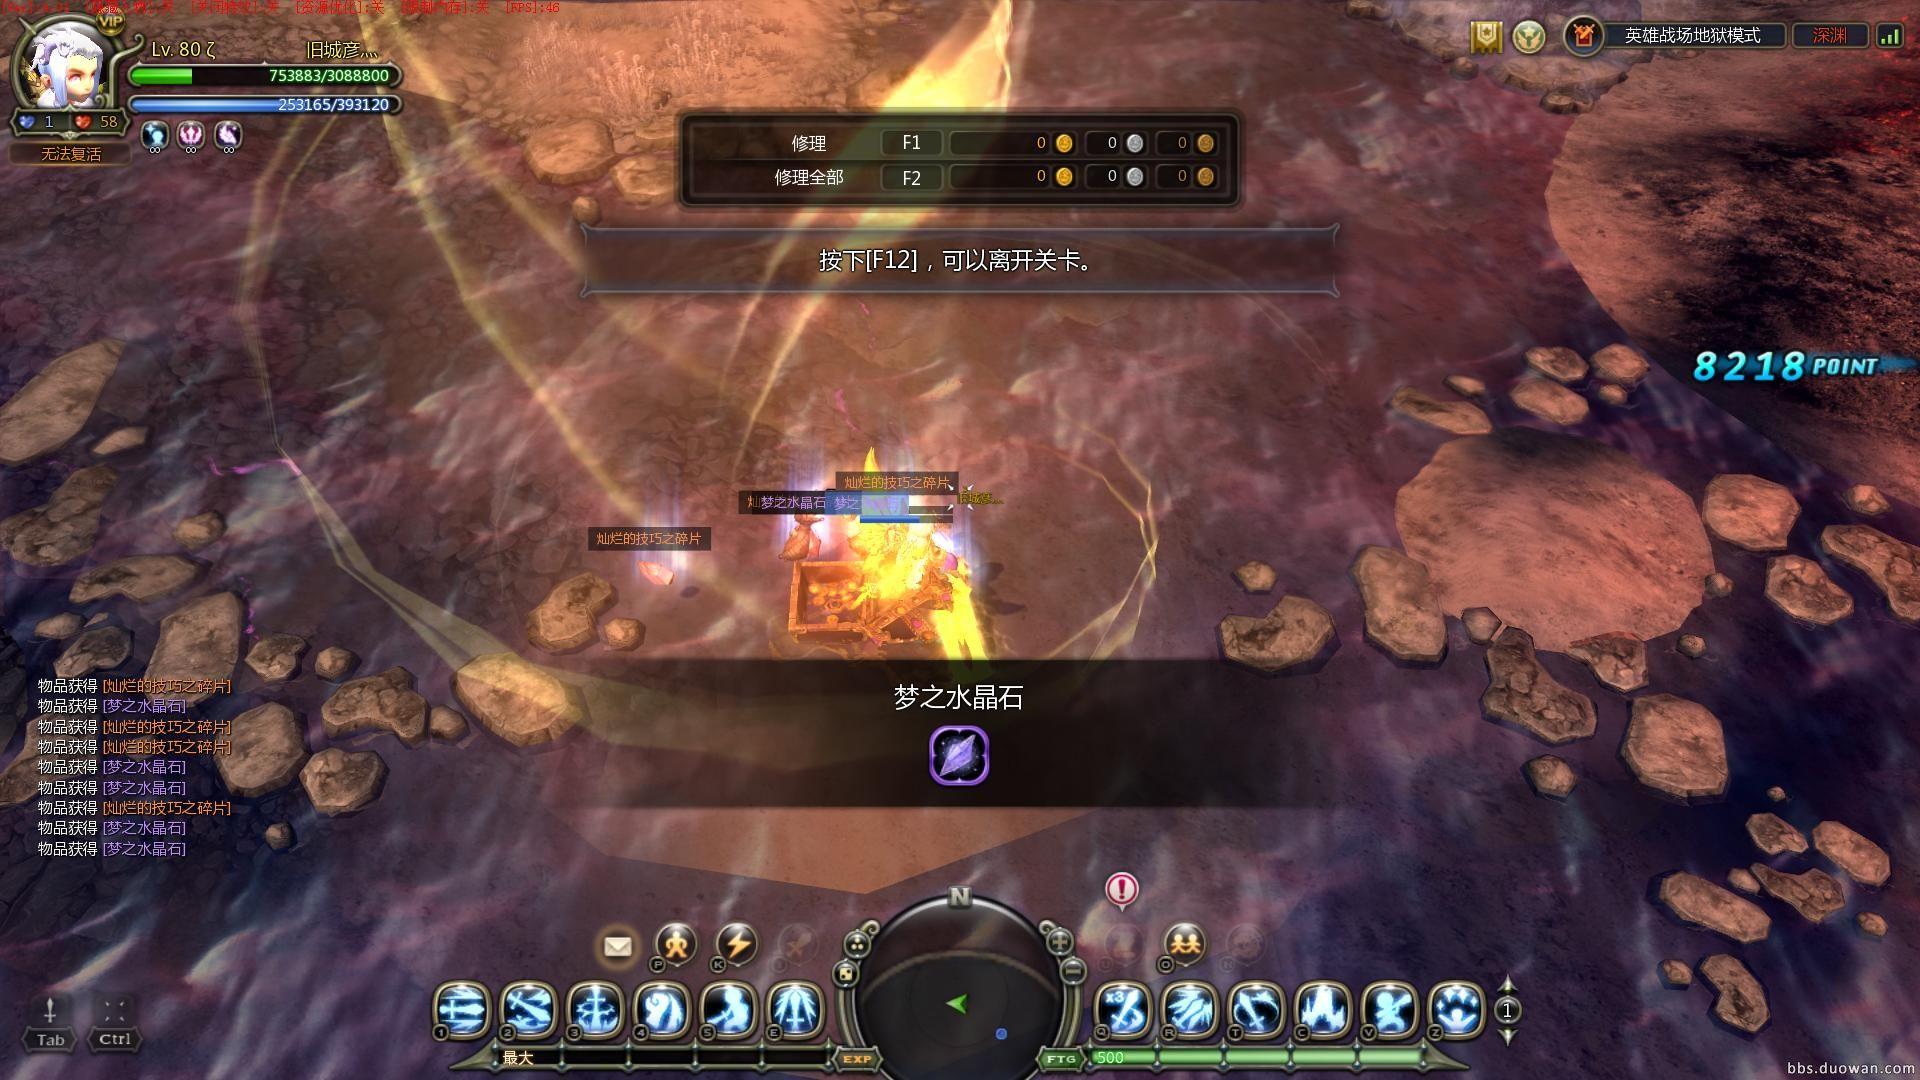 龙之谷剑皇通关地狱战场攻略